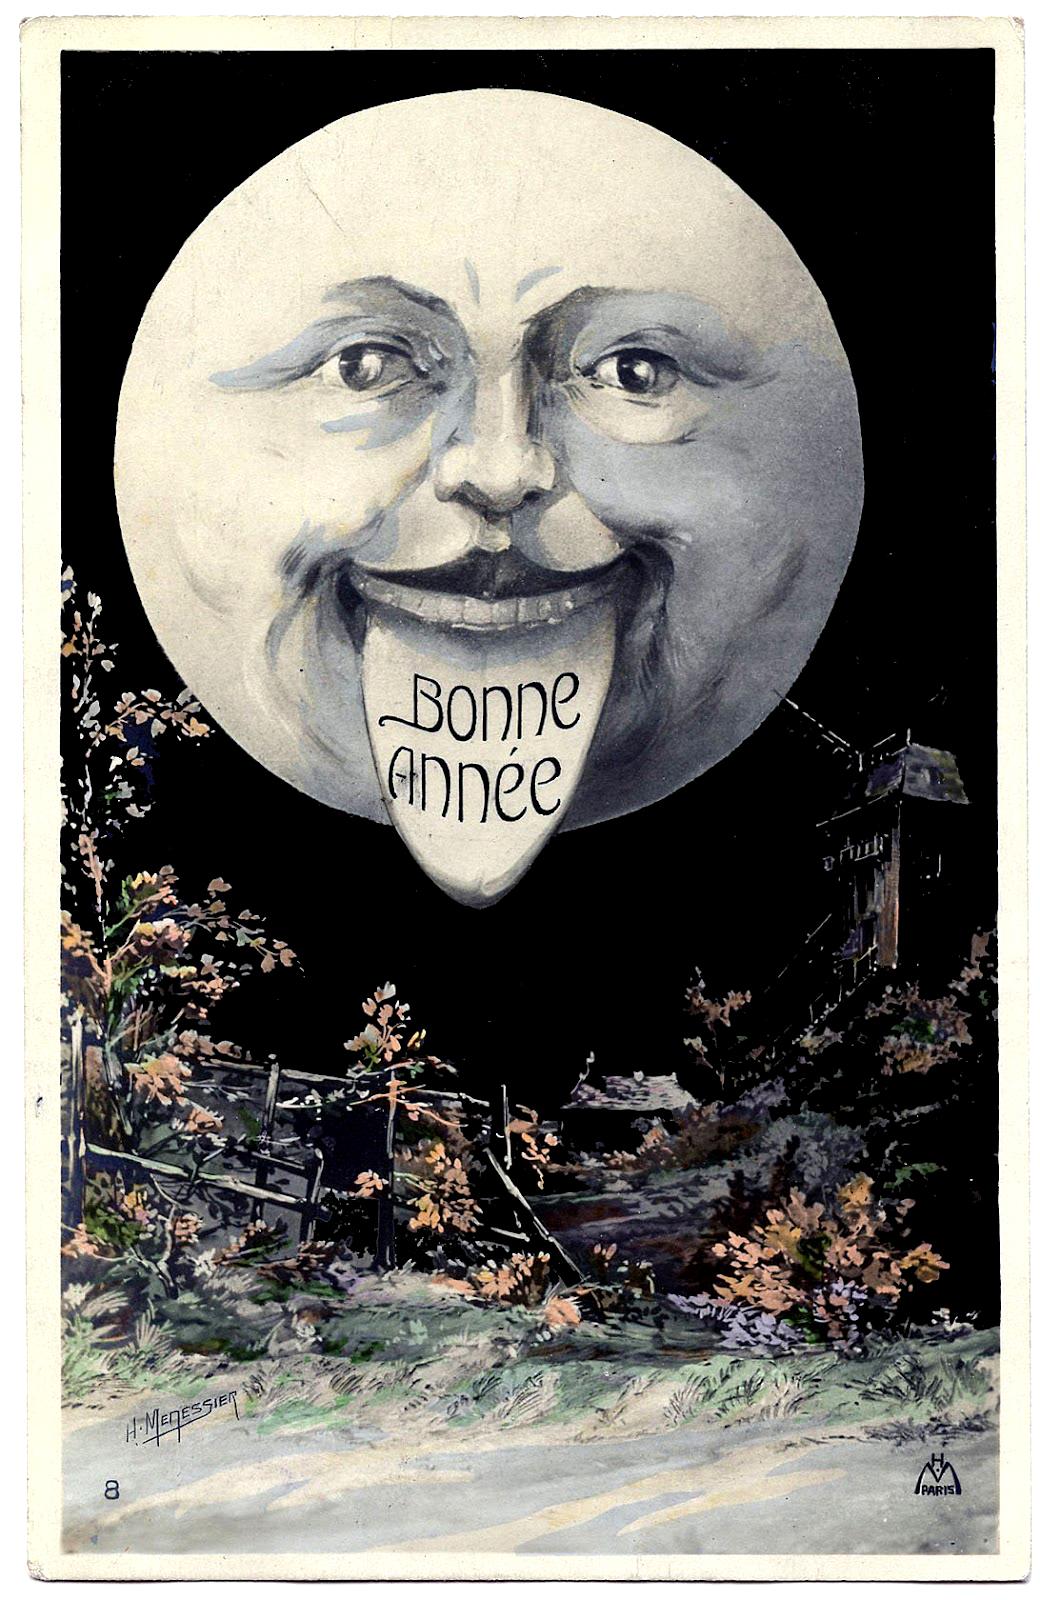 Vintage Moon Clipart Moon Man Postcard Bonne Année